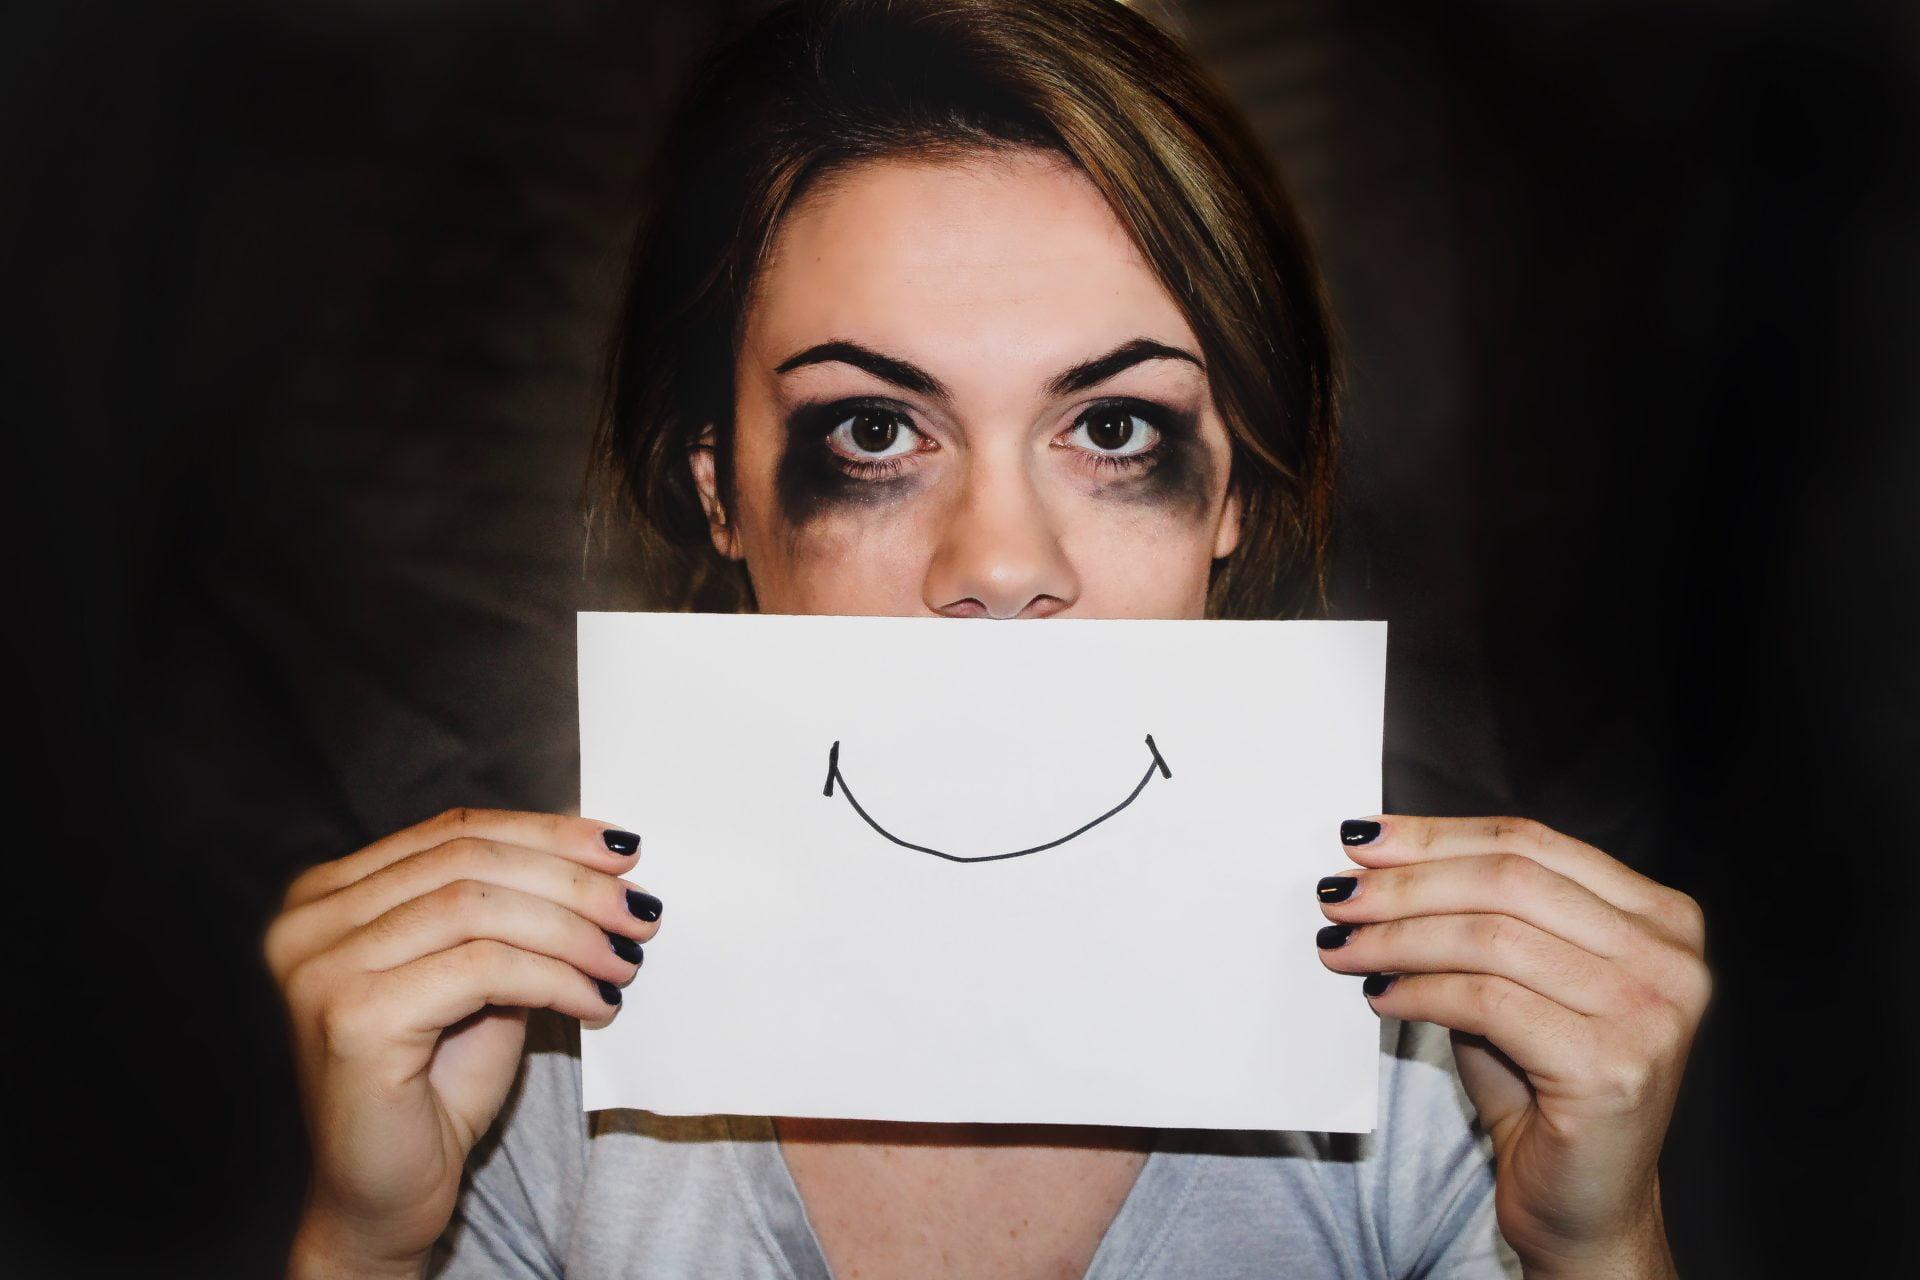 الاكتئاب المبتسم.. عندما يتخفى المرض النفسي وراء سعادة ظاهرية